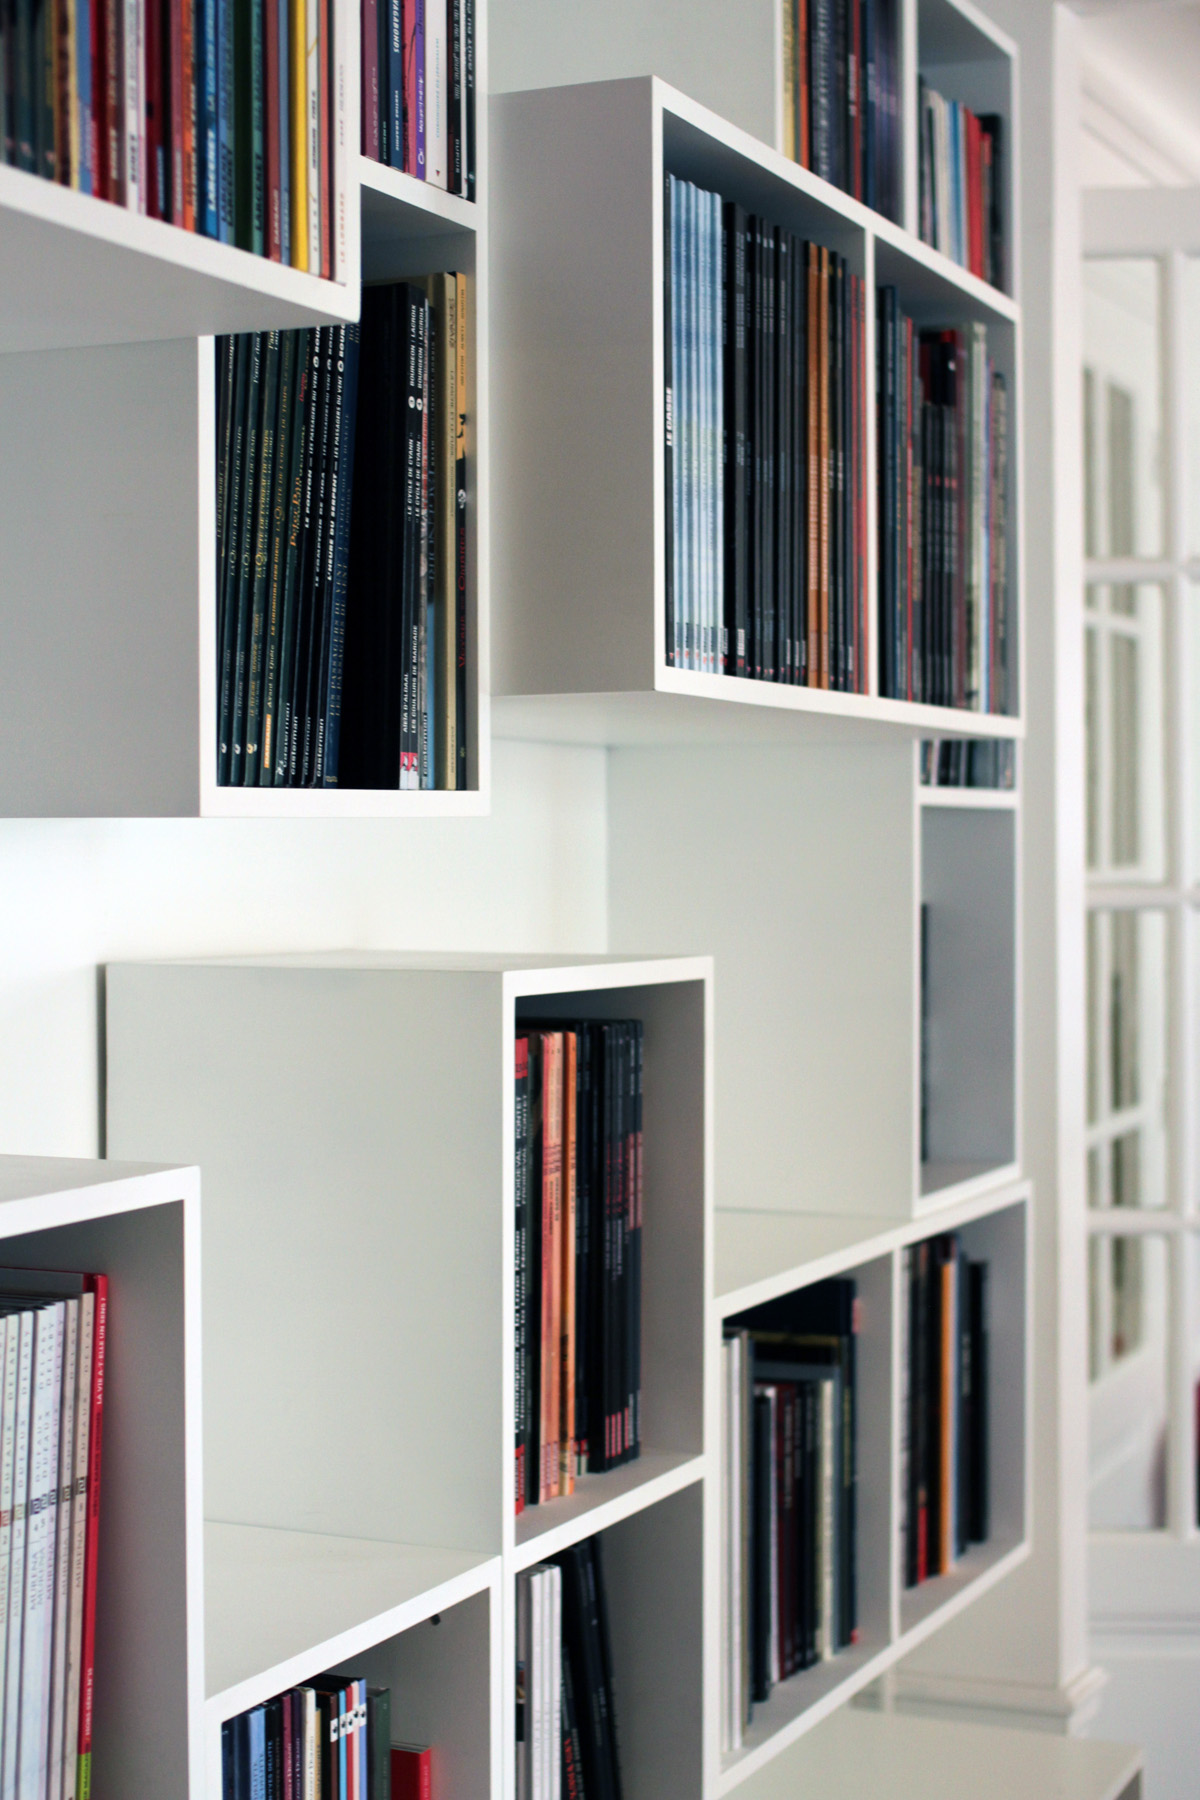 Malo5 bibliothèque Mobilier BD cubes blanc Bandes dessinées design sur-mesure Agence MAJOTIK